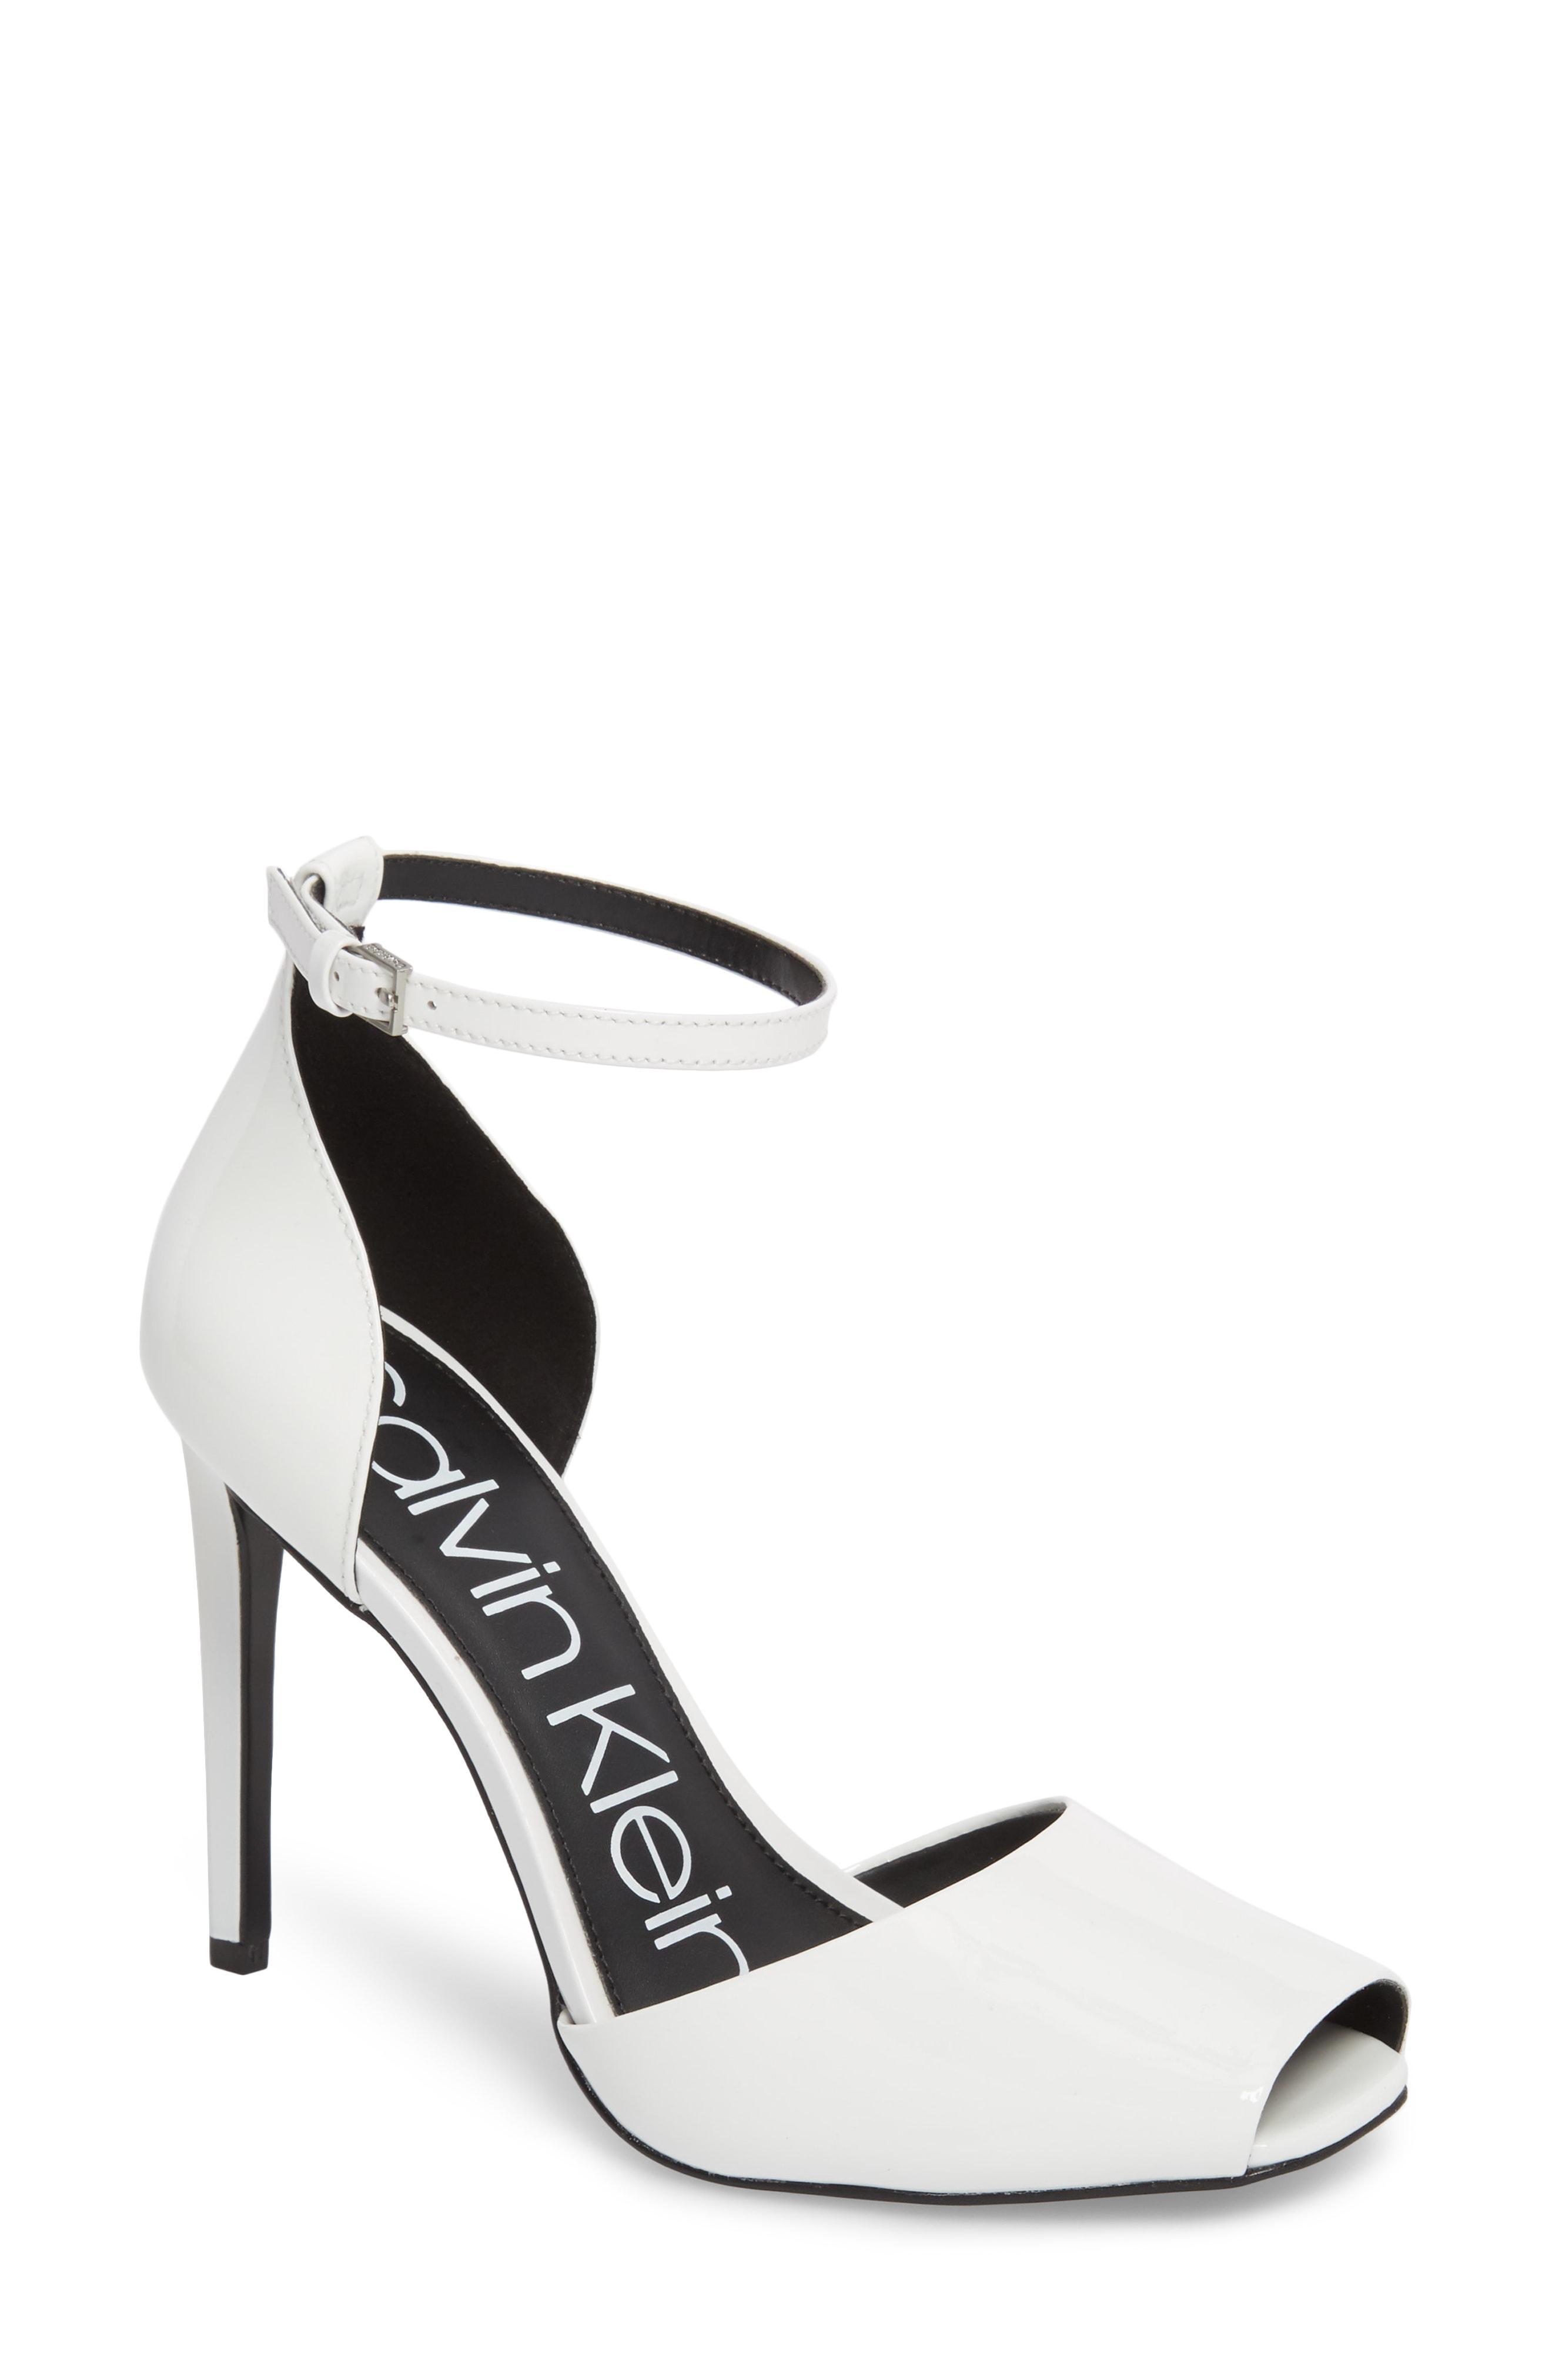 4a2a253aae8 Lyst - Calvin Klein Daros Peep-toe Pump in White